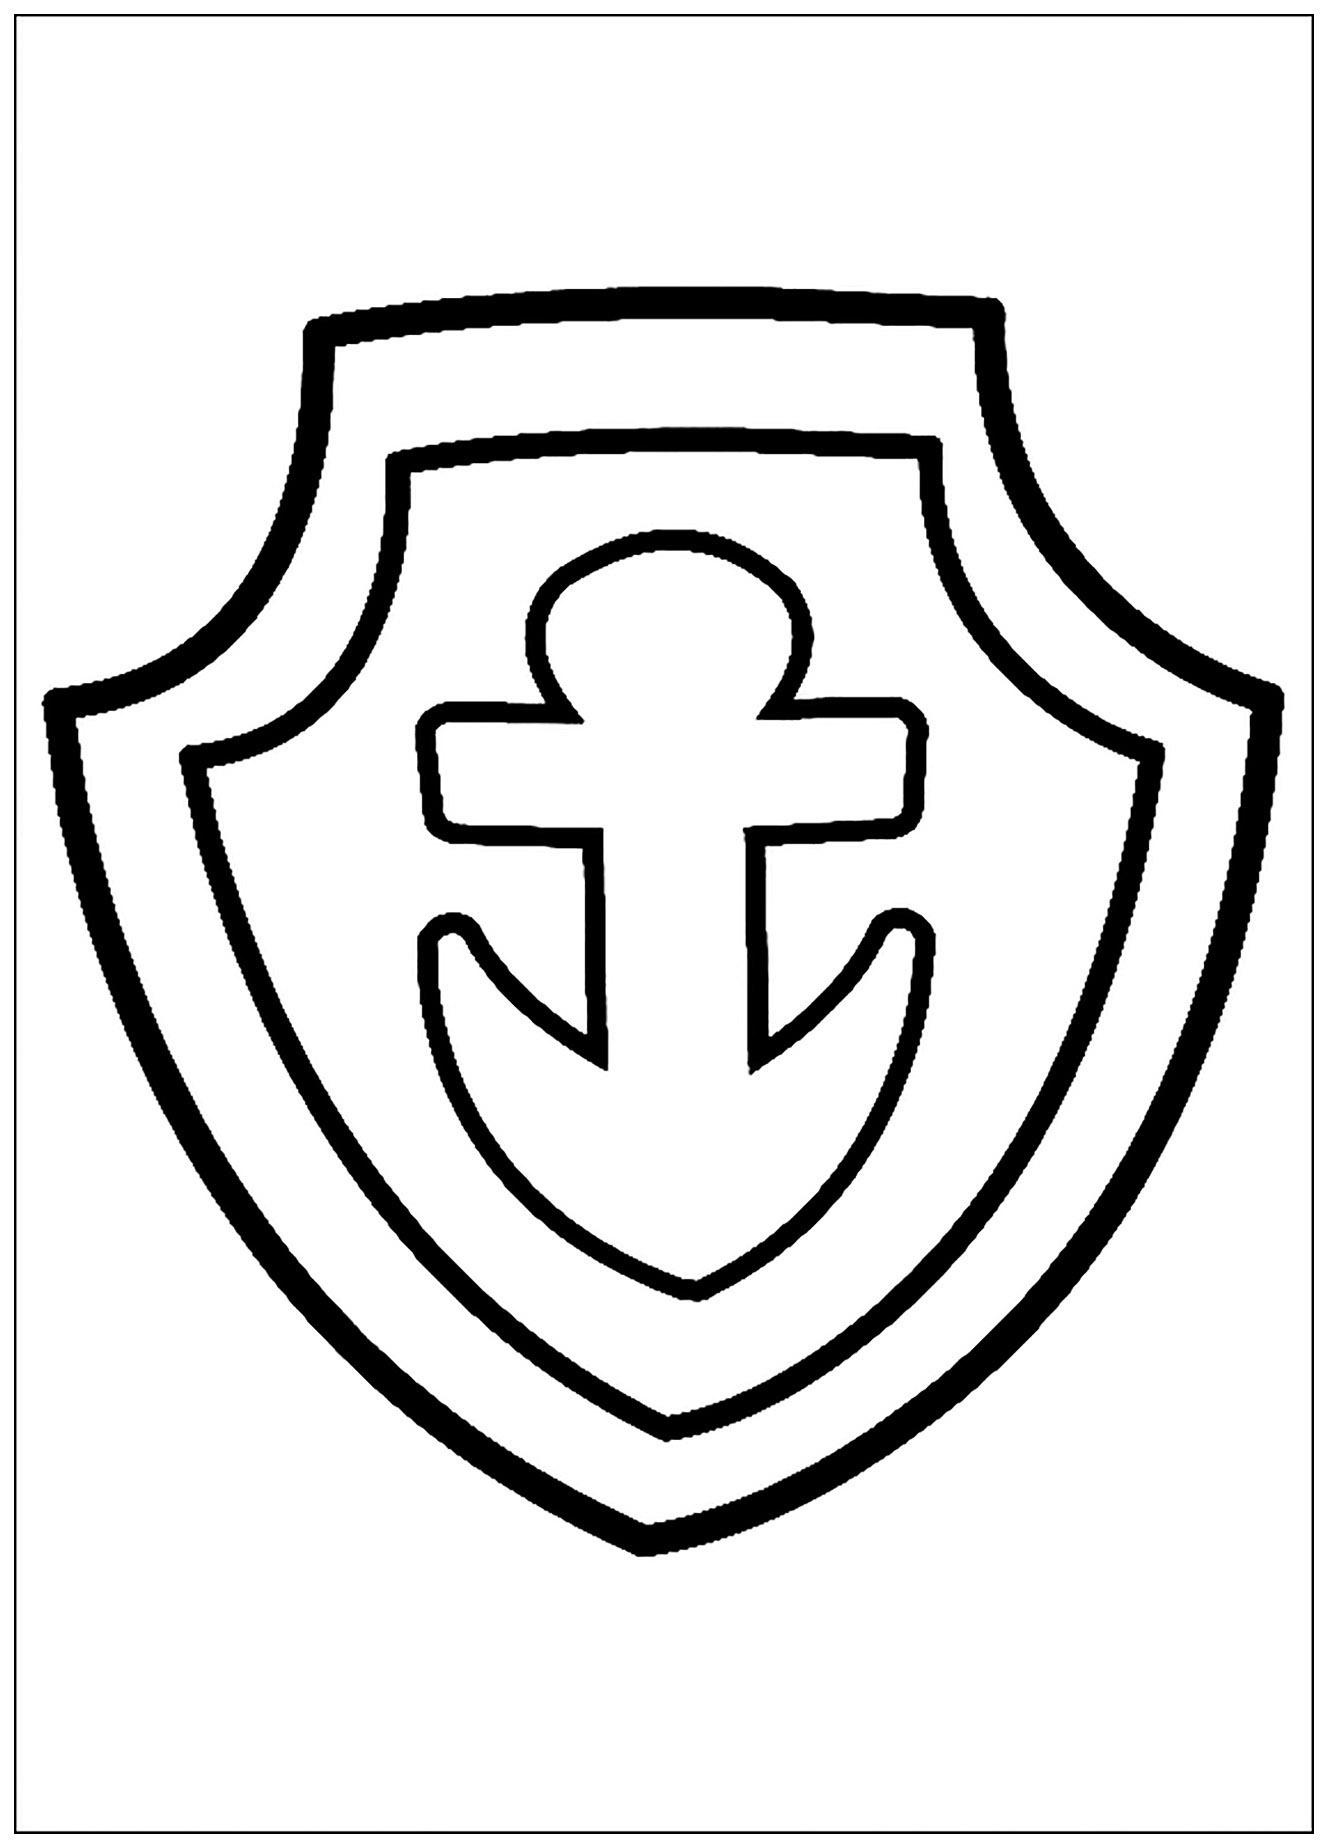 Pat patrouille ecusson coloriage pat patrouille coloriages pour enfants - Coloriage ecusson ...